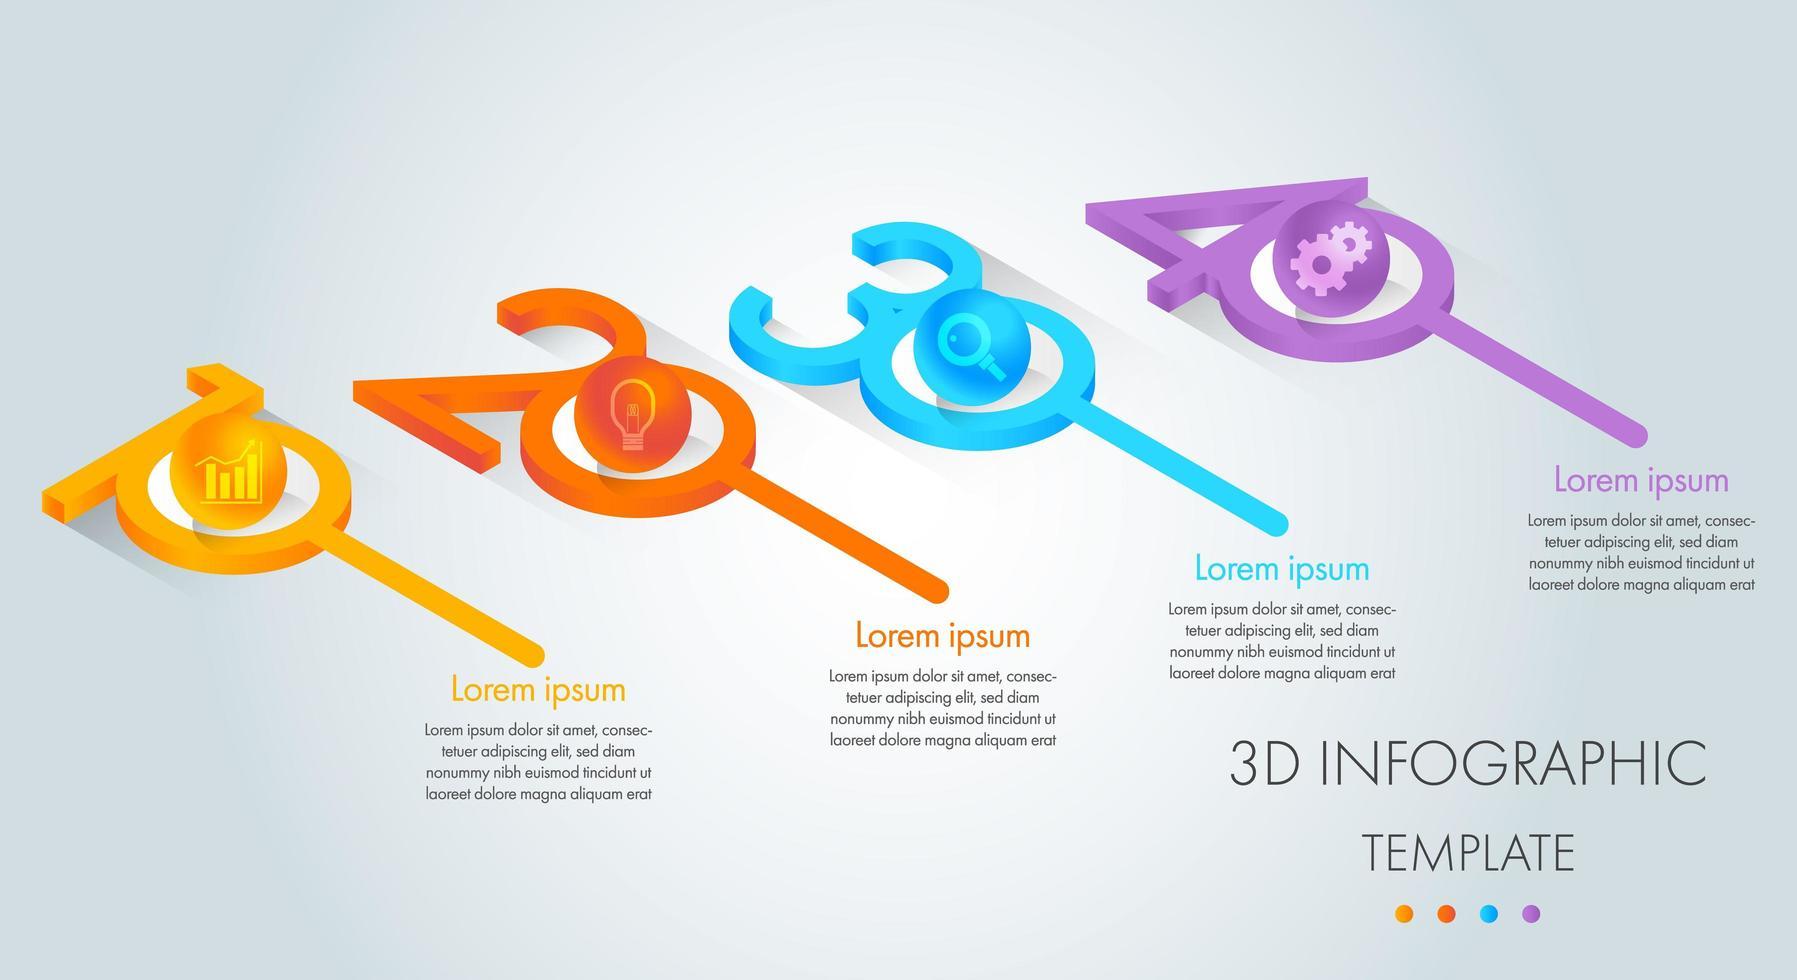 colorato 3d isometrico affari infografica vettore